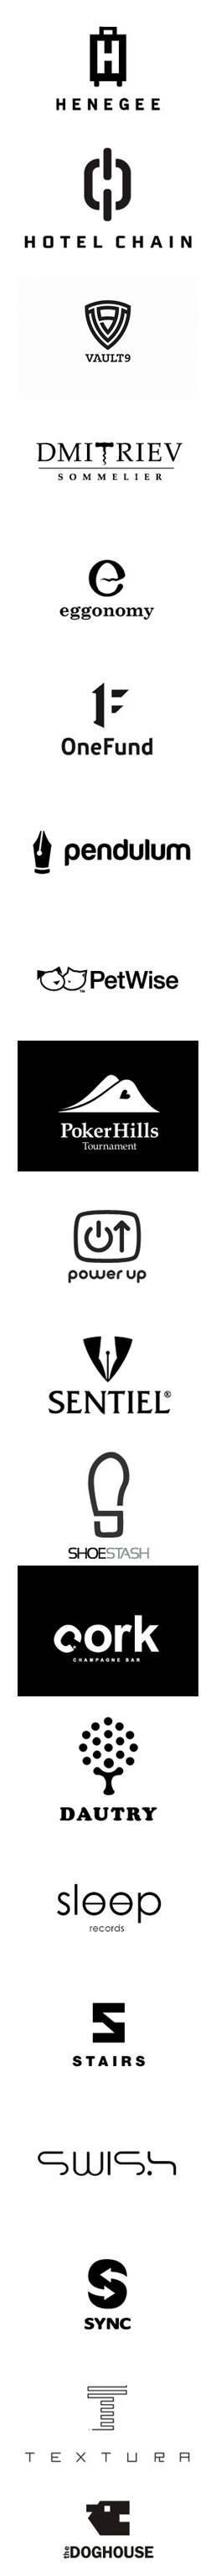 creazione logo bianco nero